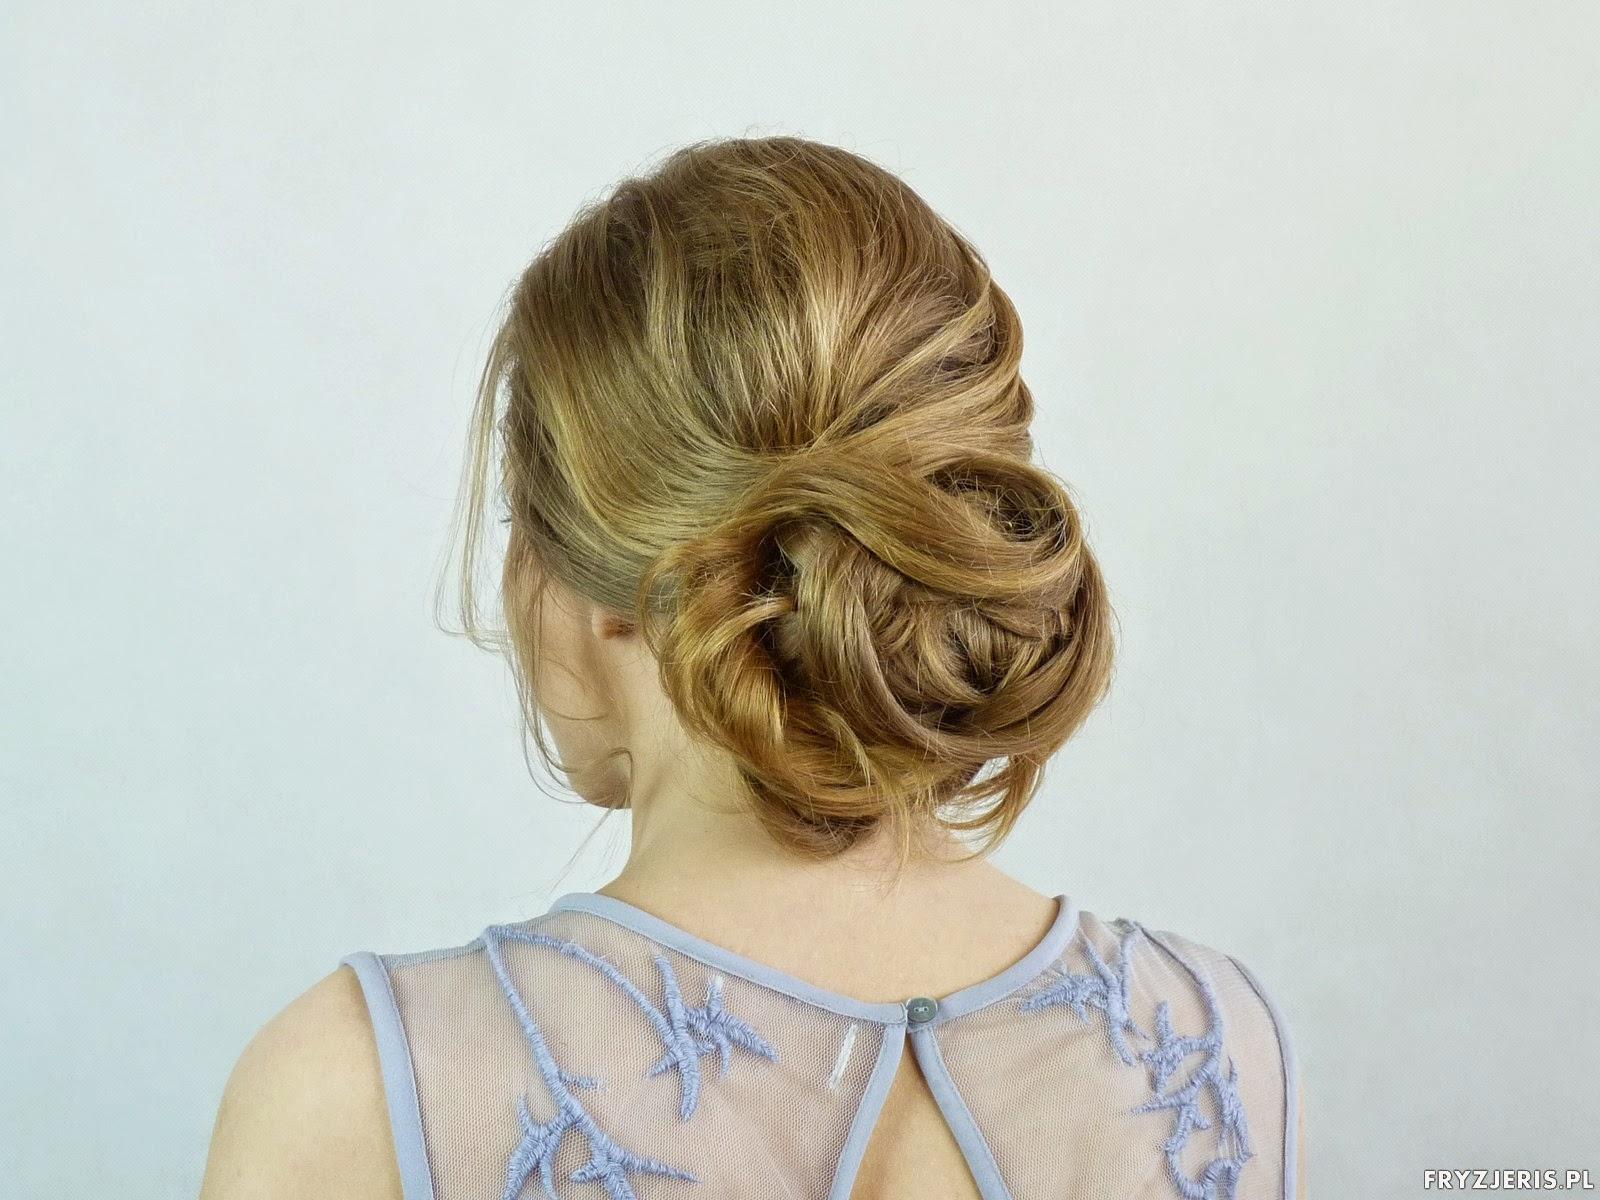 fryzura na ślub fryzjeris